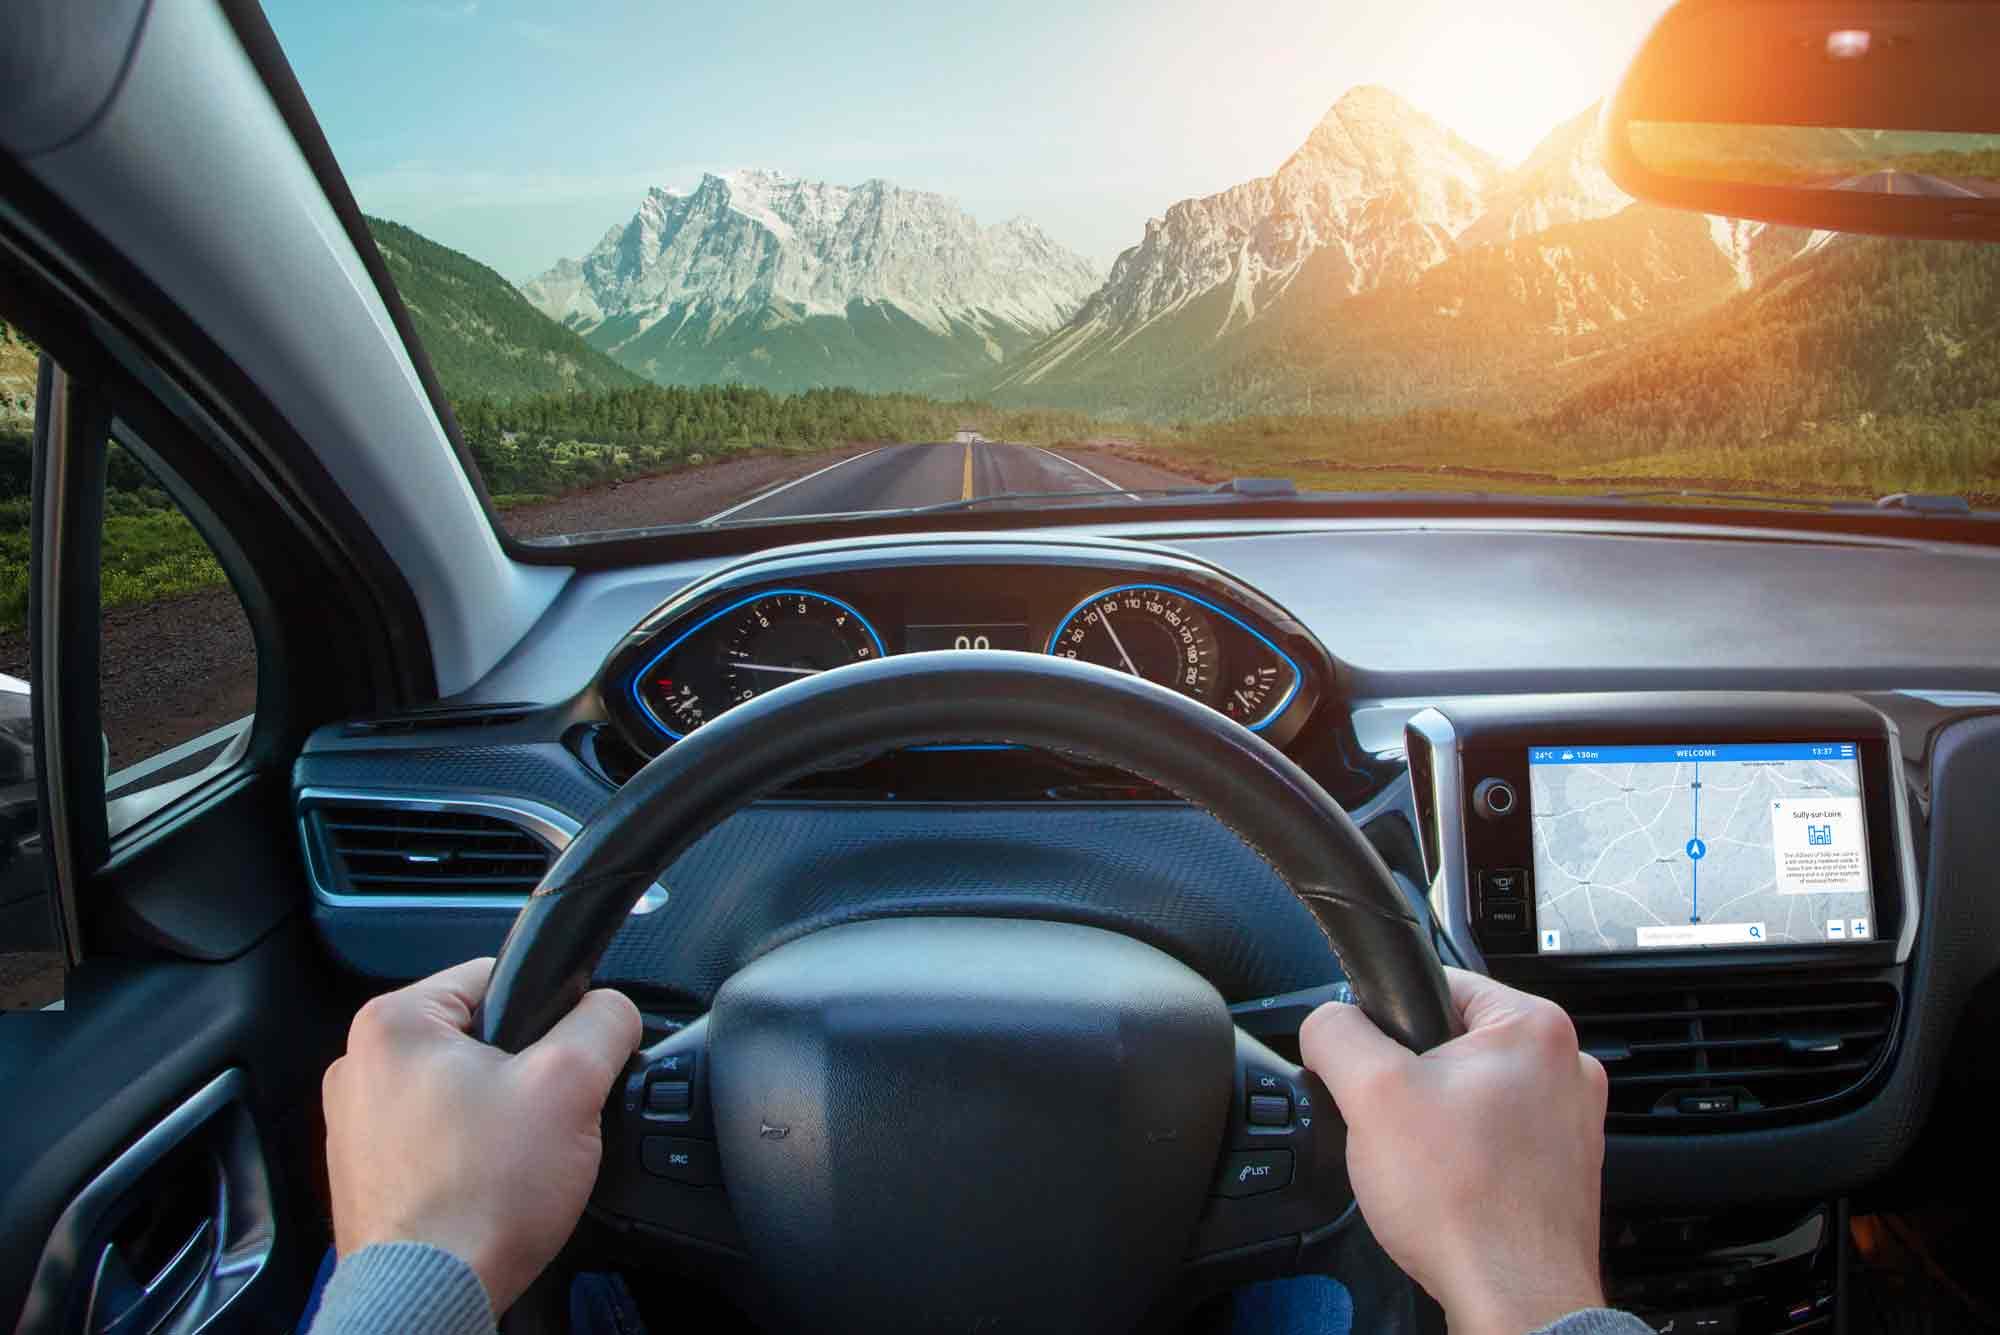 Guida all'estero con patente scaduta